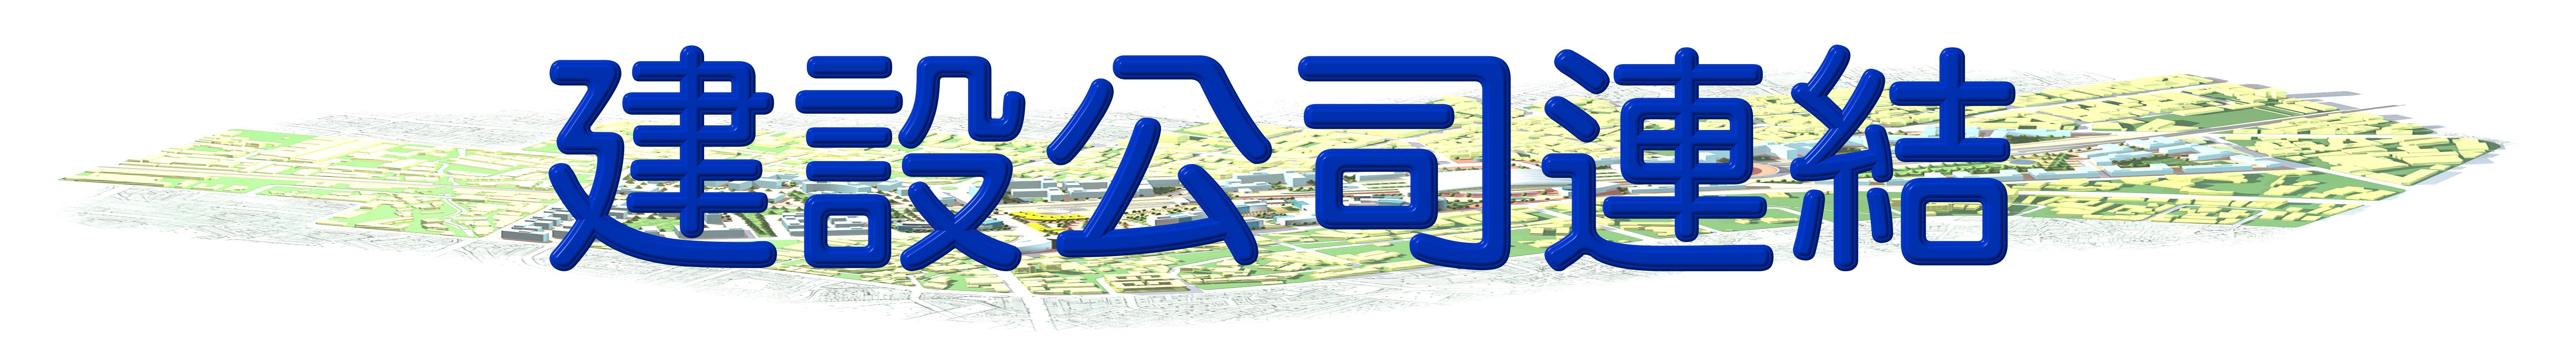 保誠興業股份有限公司 - 北投區秀山段三小段220地號